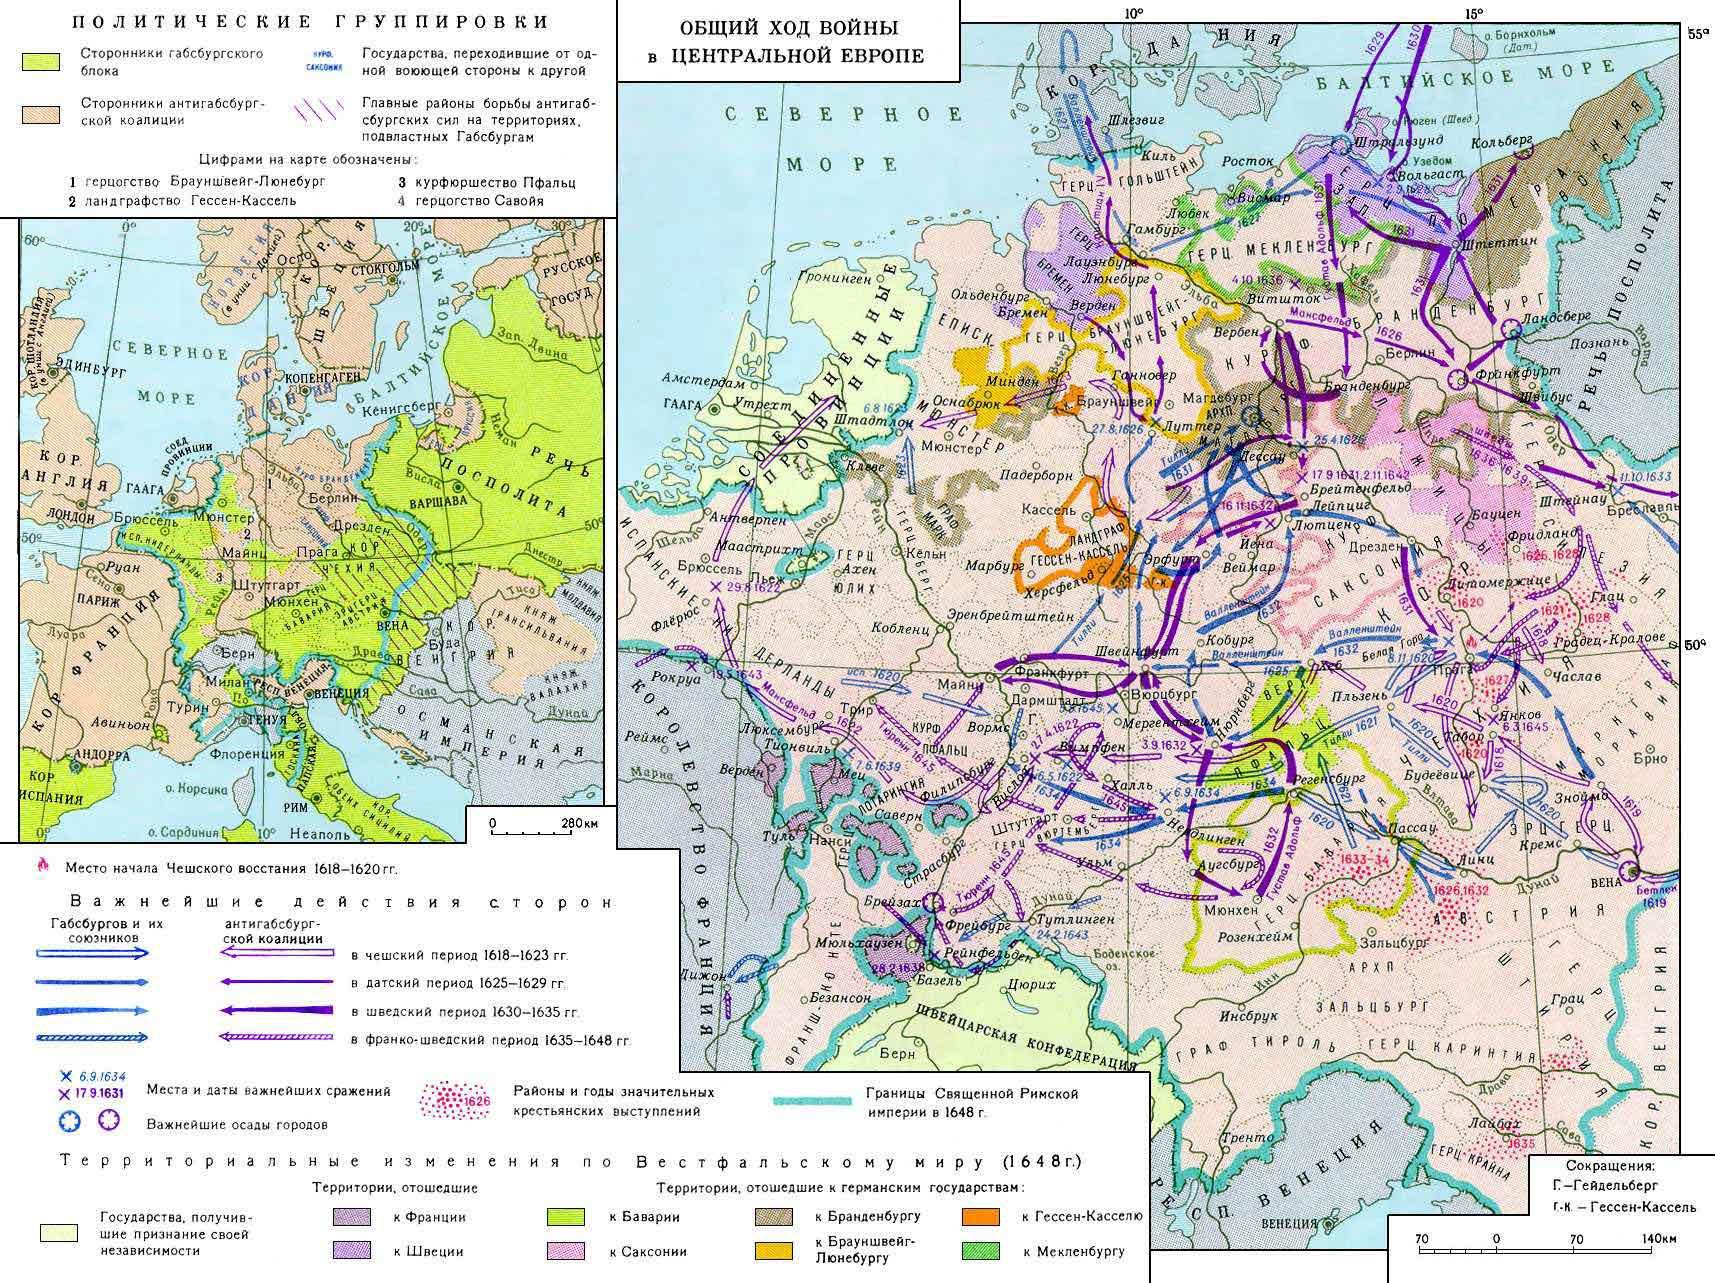 Общий ход войны в центральной Европе. Разделение по политическим группировкам. Территориальные изменения по Вестфальскому миру